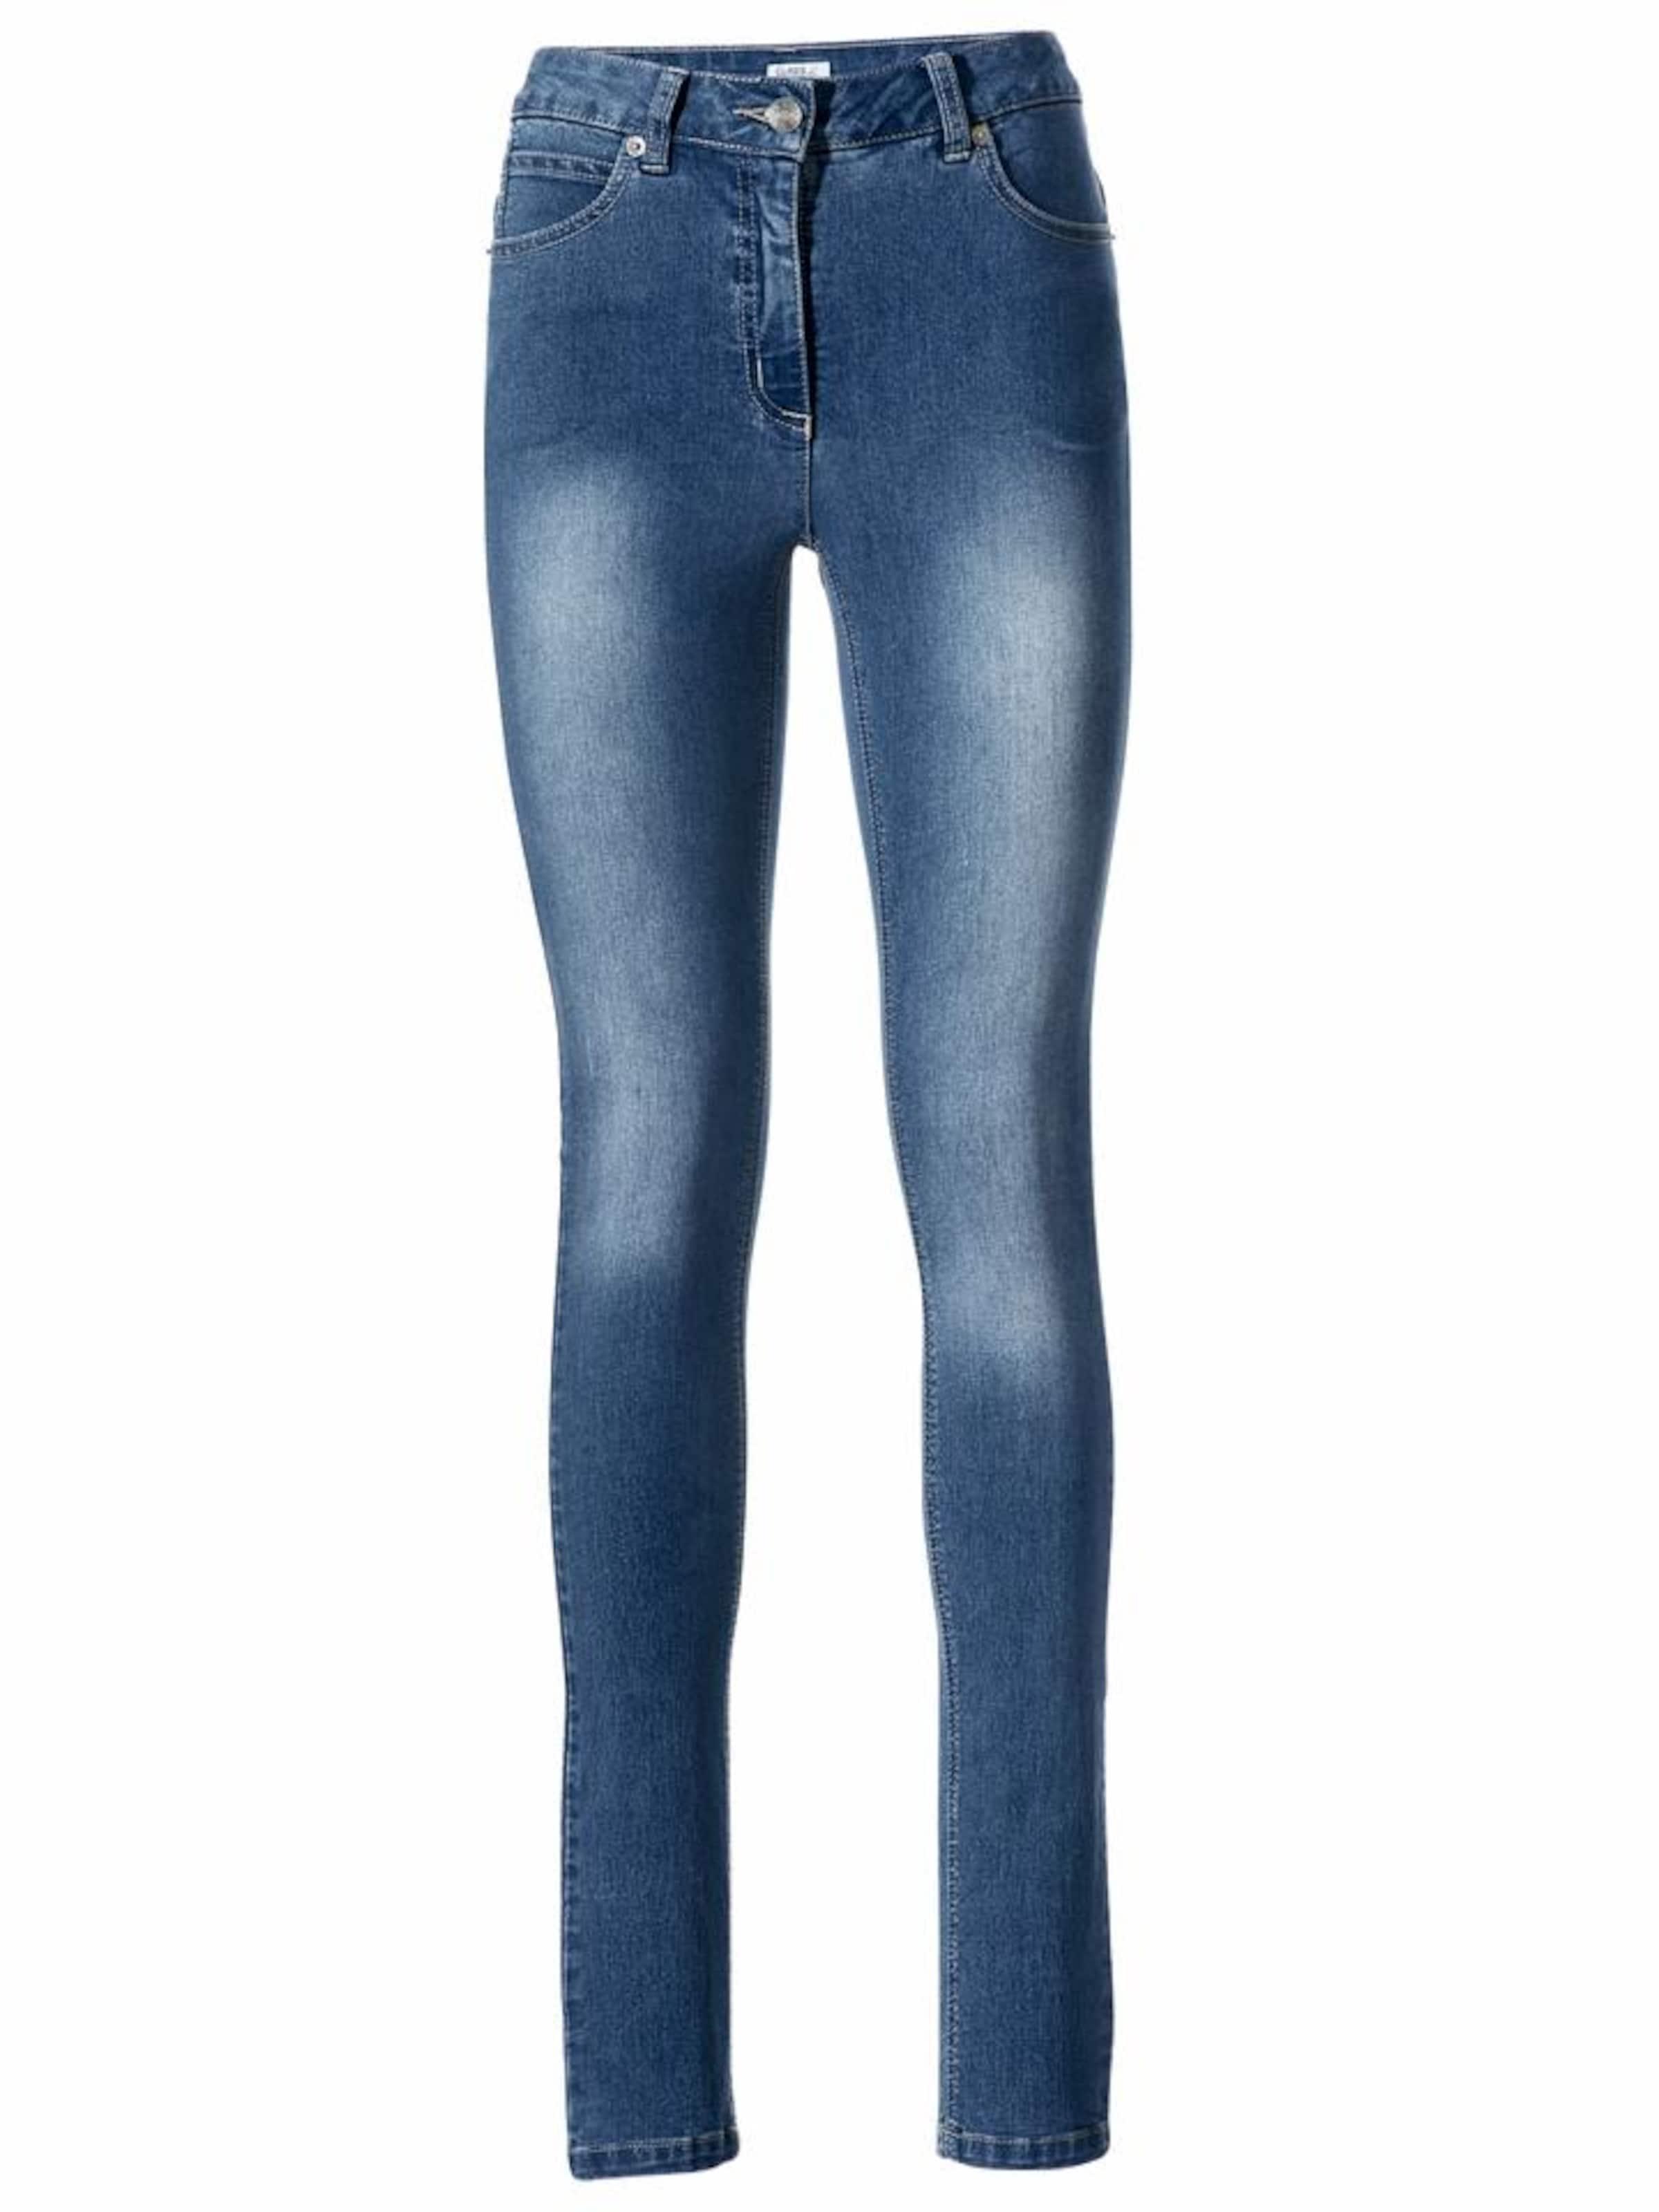 Blue röhrenjeans Denim In Heine Bodyform k0nwOP